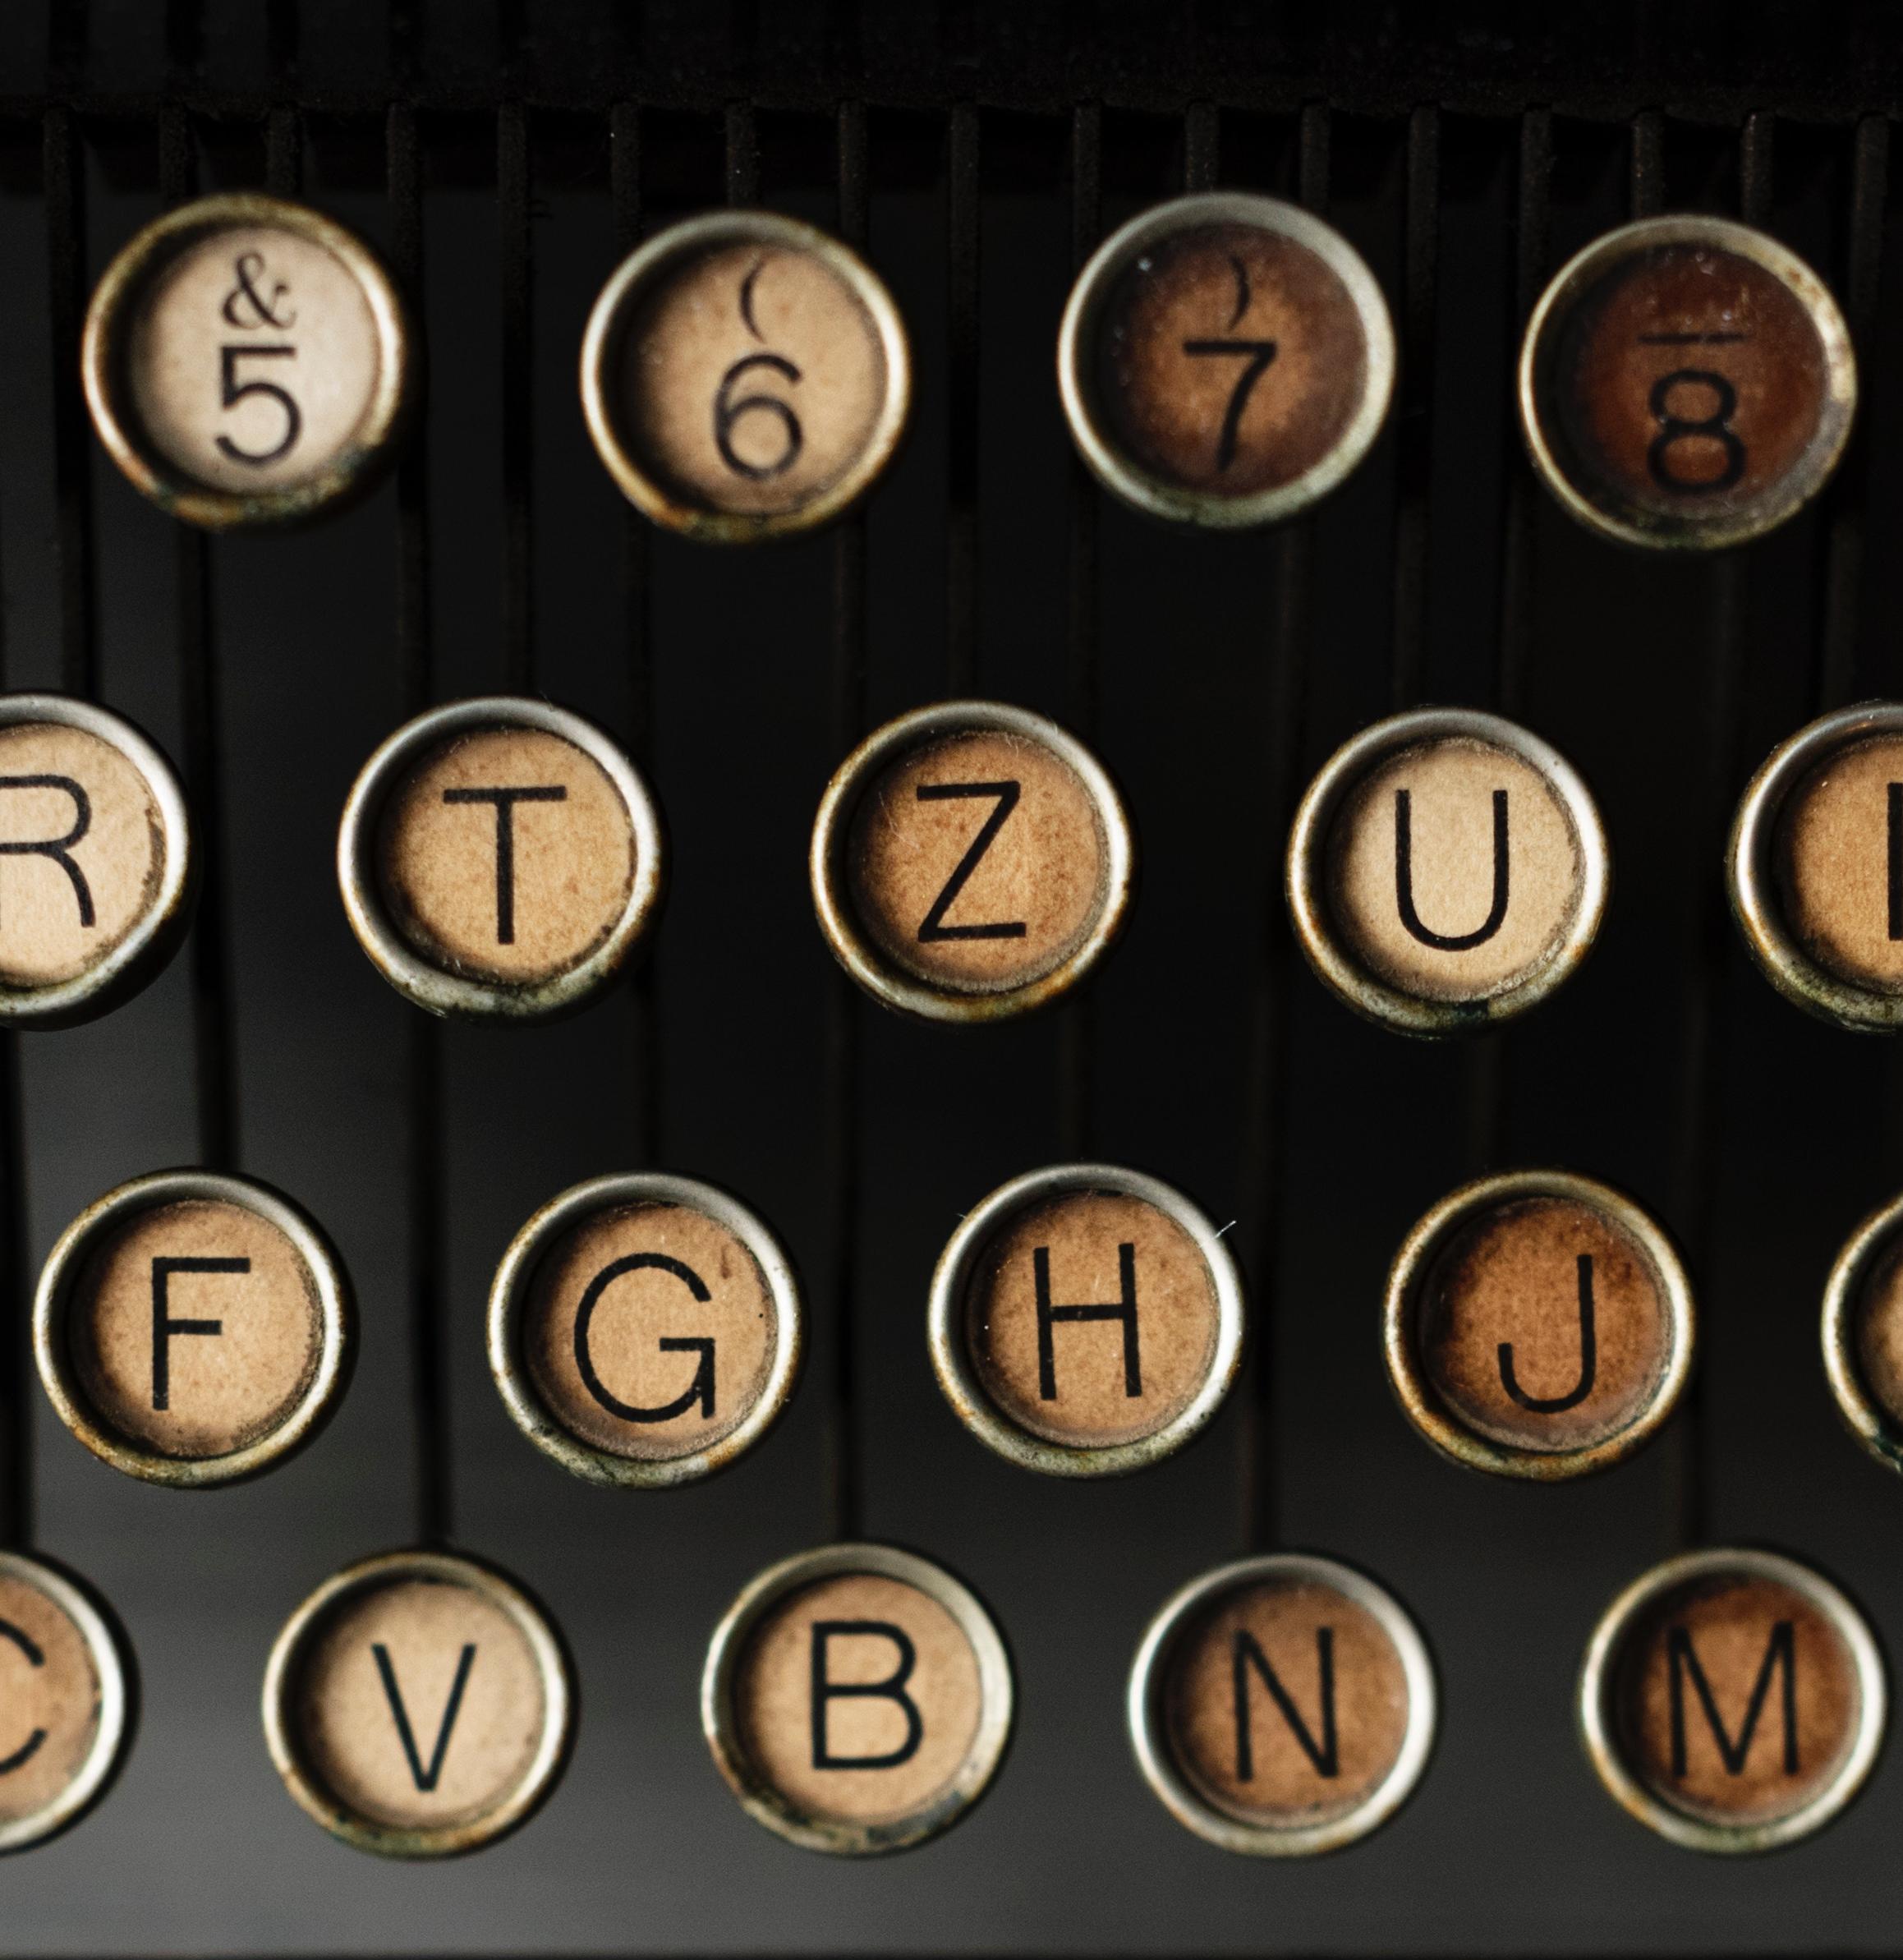 rawpixel-com-274862 [www.imagesplitter.net]-0-1.jpeg